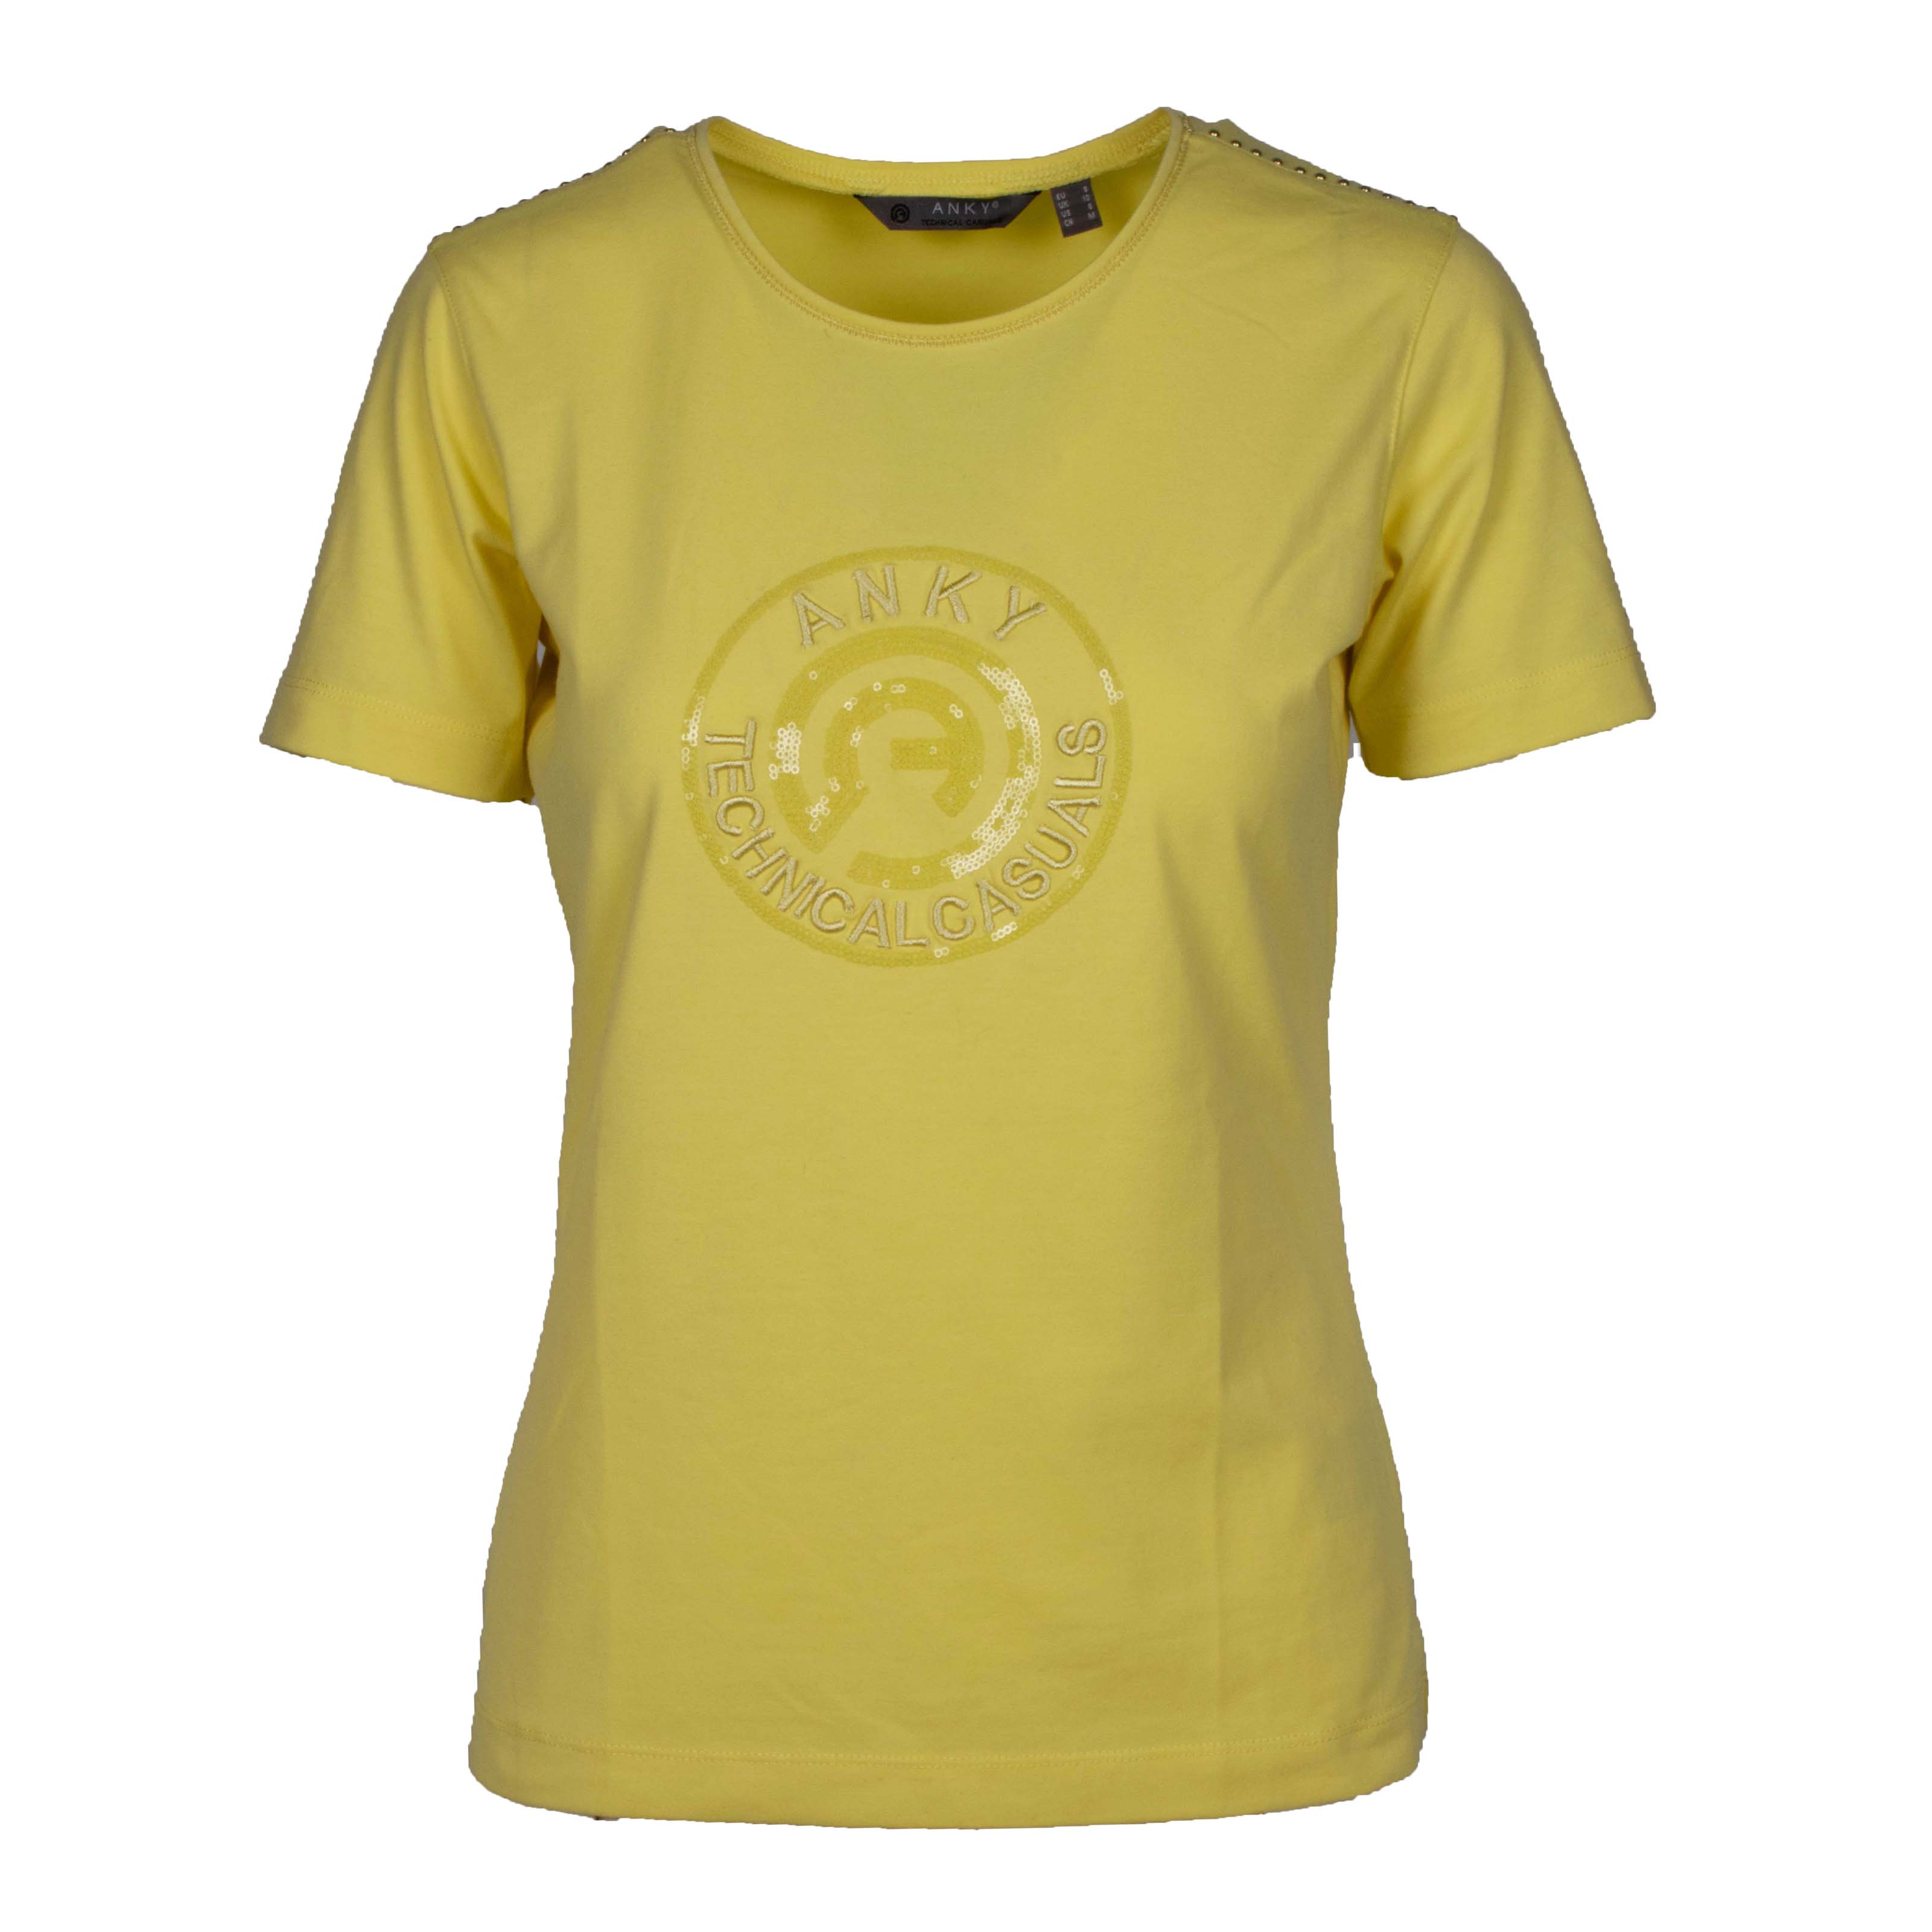 ANKY T-Shirt Logo ATC211302 geel maat:m